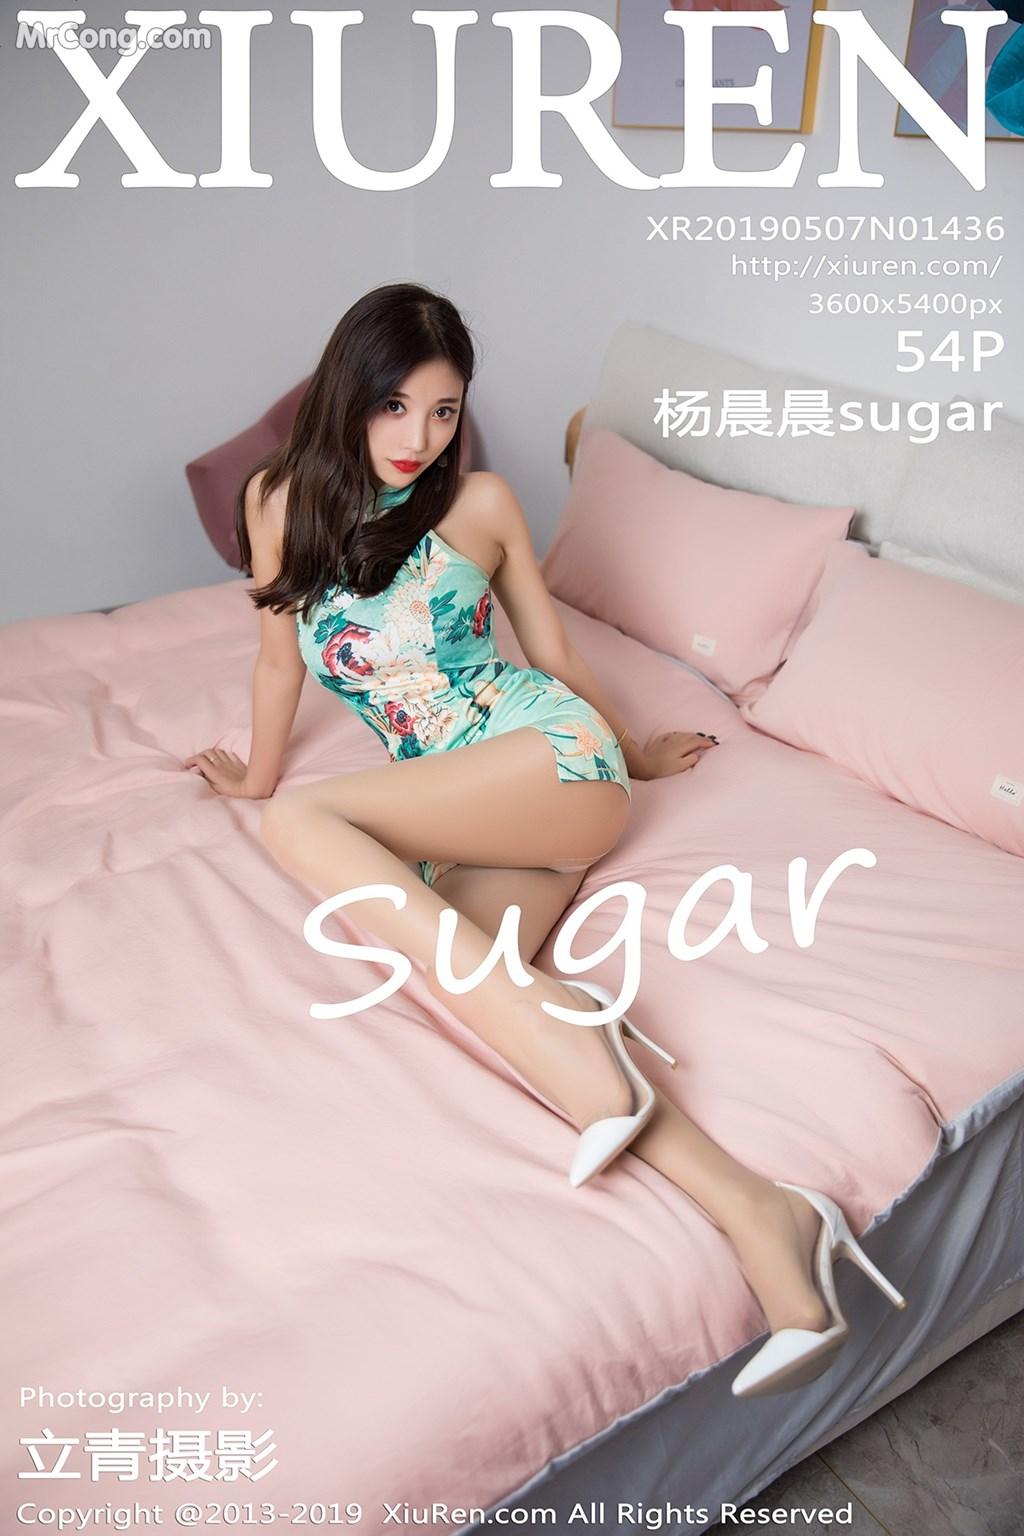 XIUREN No.1436: Yang Chen Chen (杨晨晨 sugar) (55 photos)